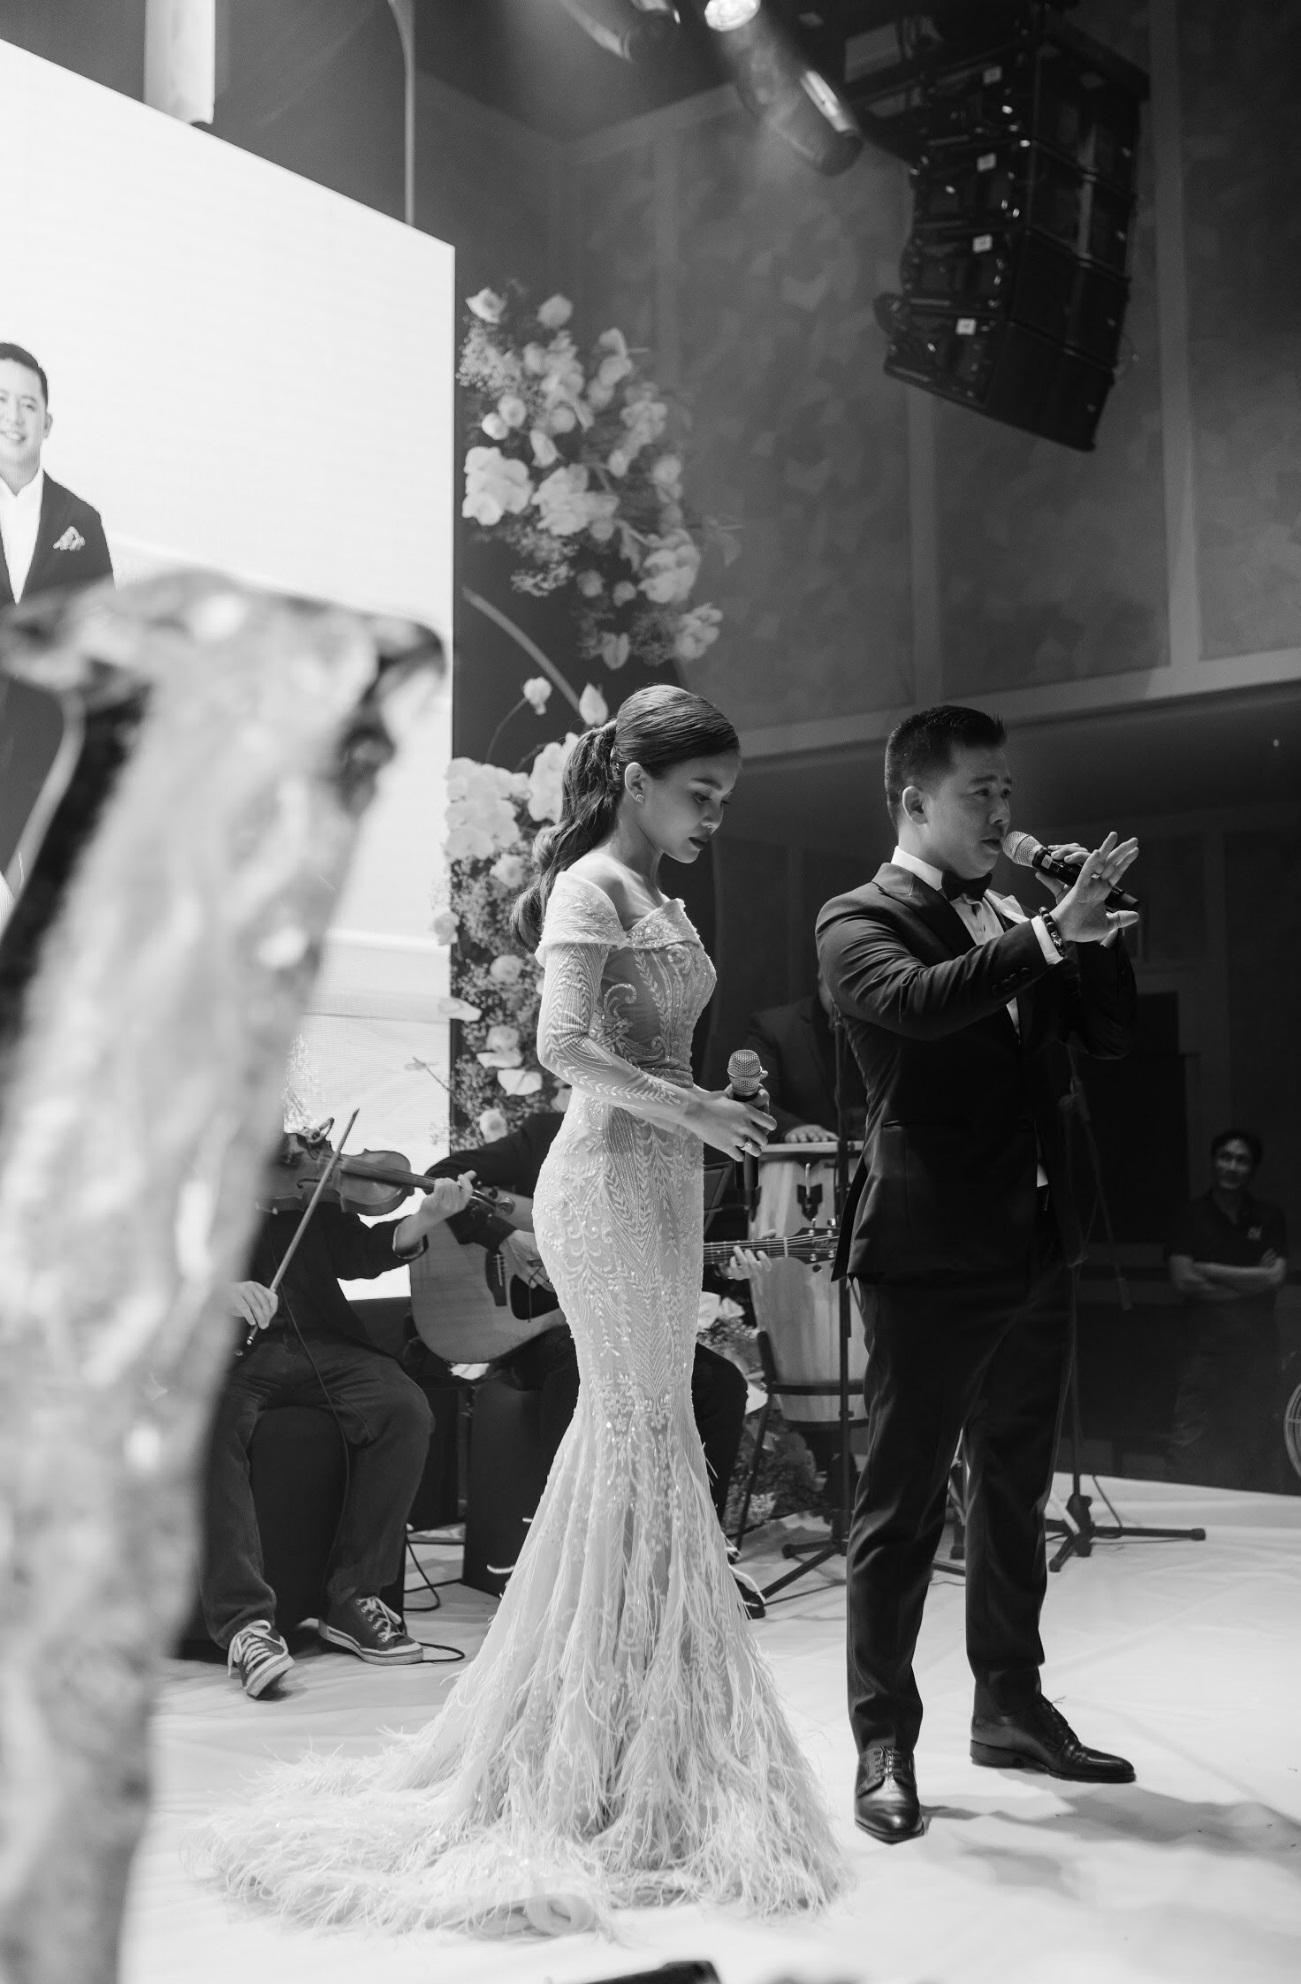 Ba mẫu váy cưới Hacchic Couture thực hiện cho Giang Hồng Ngọc kèm thông điệp ý nghĩa bất ngờ - Ảnh 10.